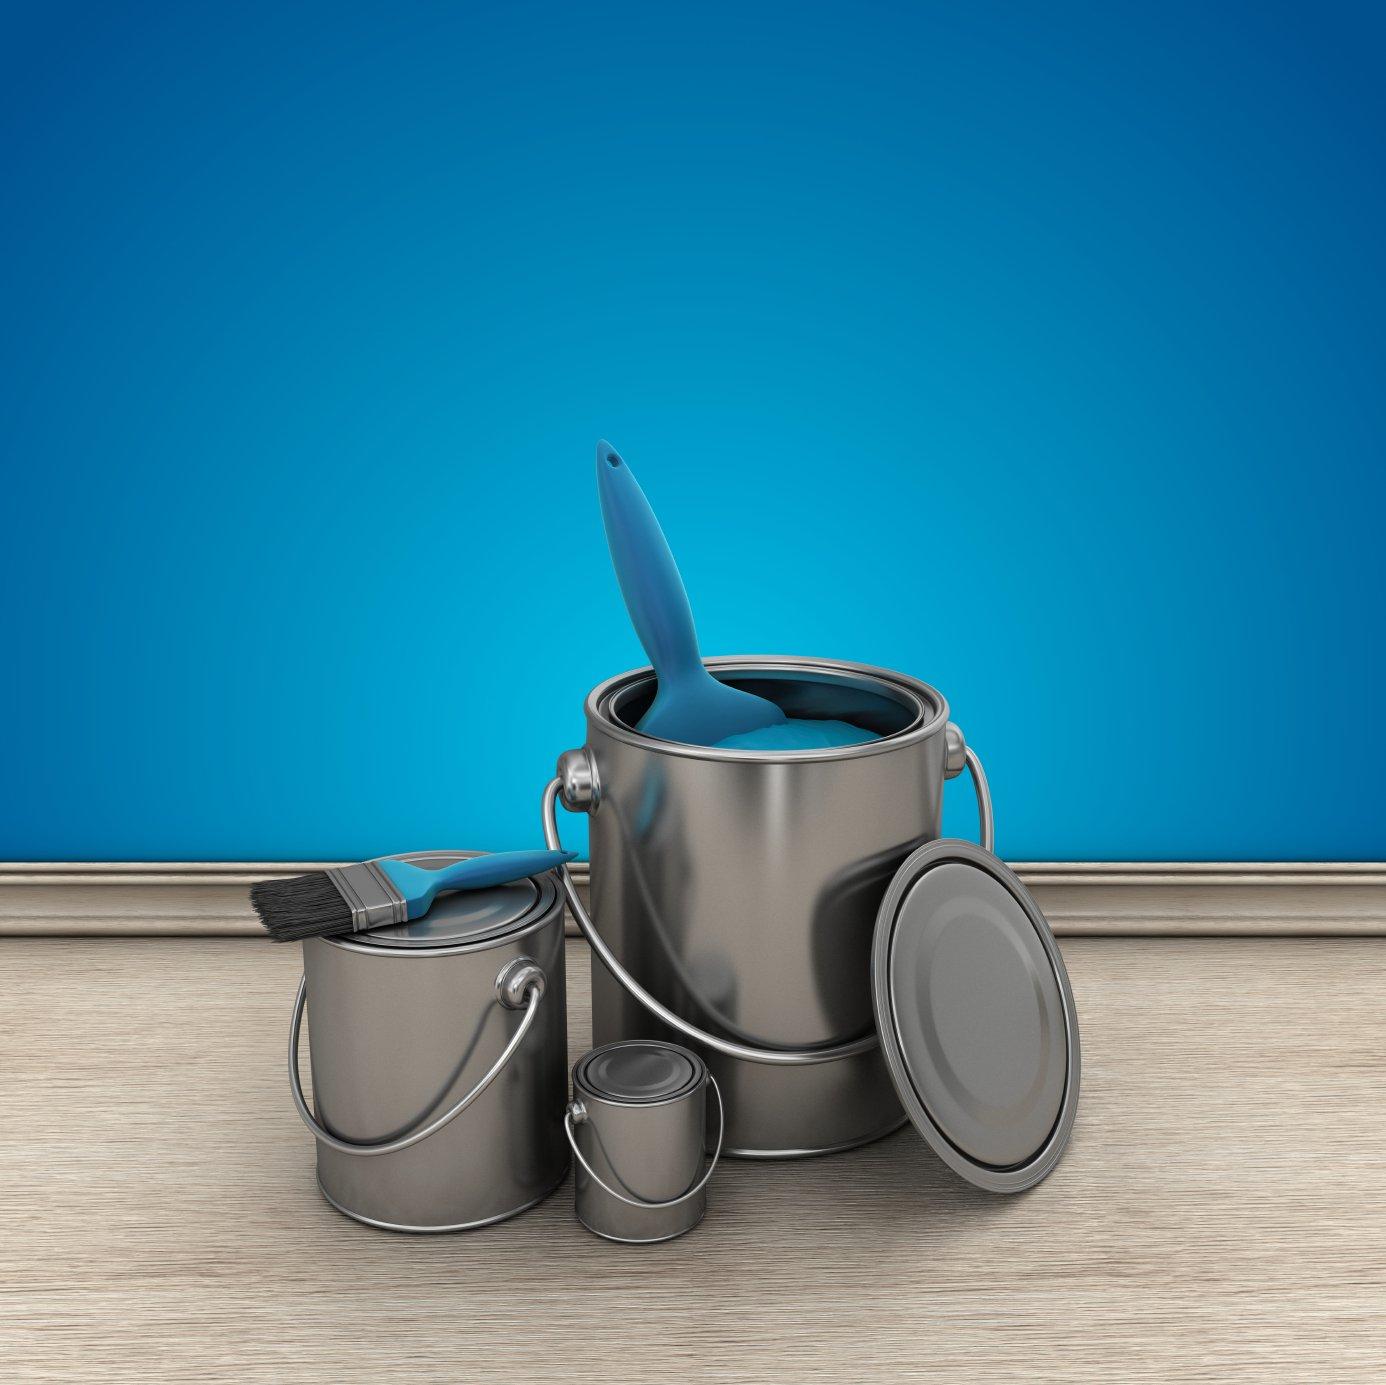 Quitar gotele madrid alisar paredes madrid - Alisar paredes de gotele ...